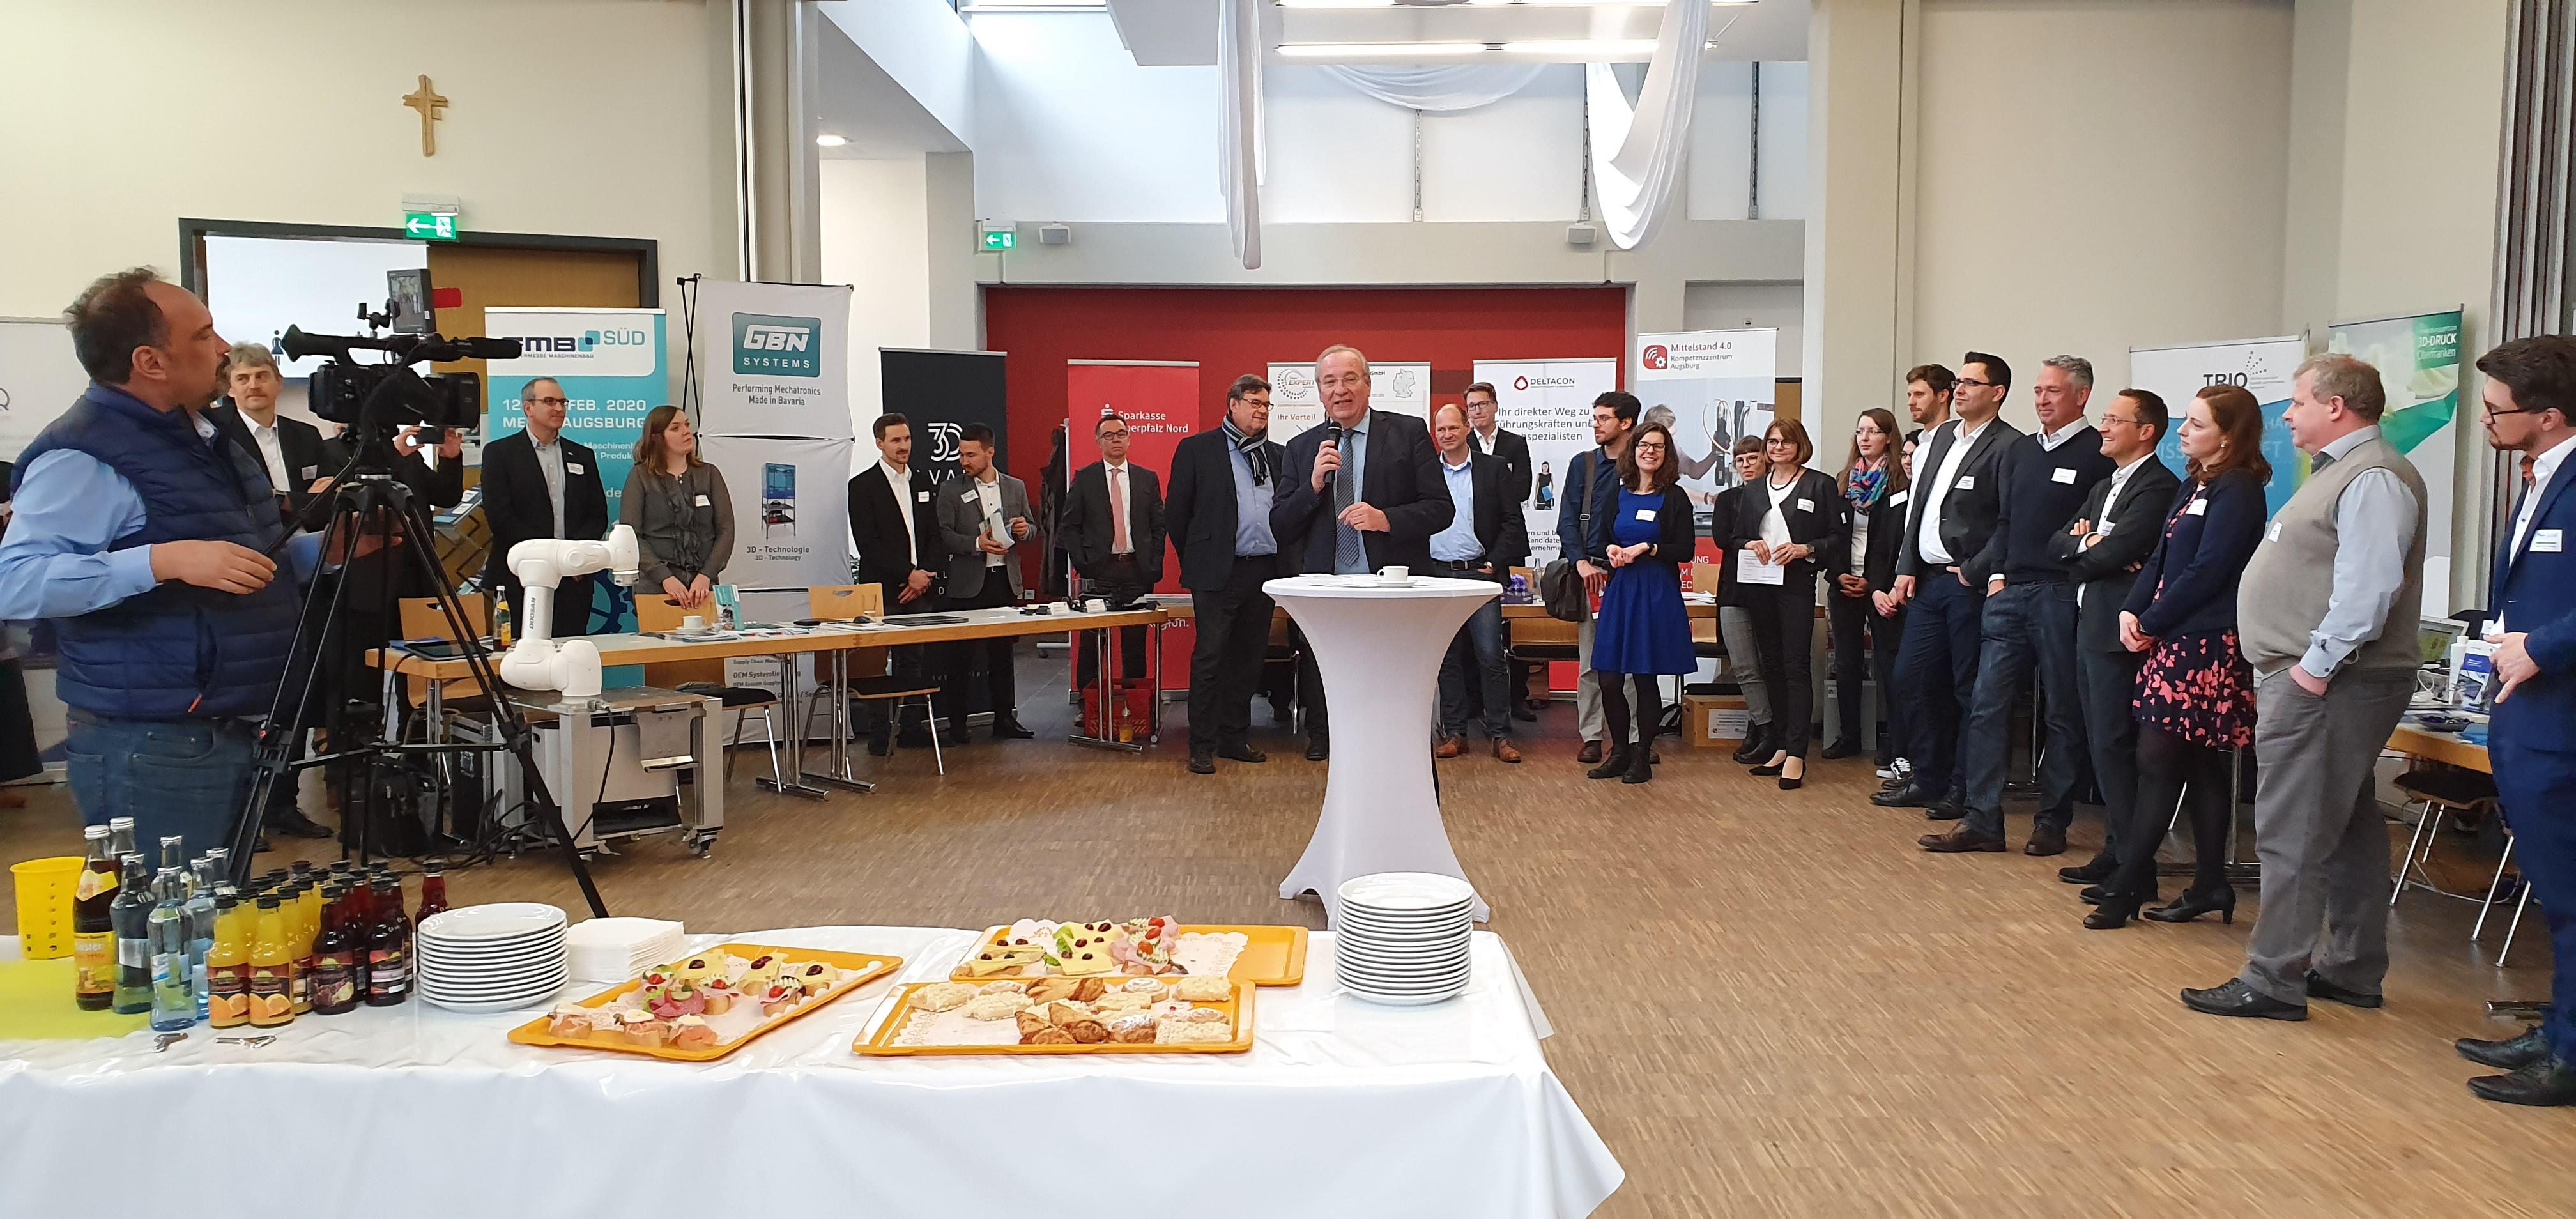 Begrüßung von Bezirkstagspräsidenten Franz Löffler